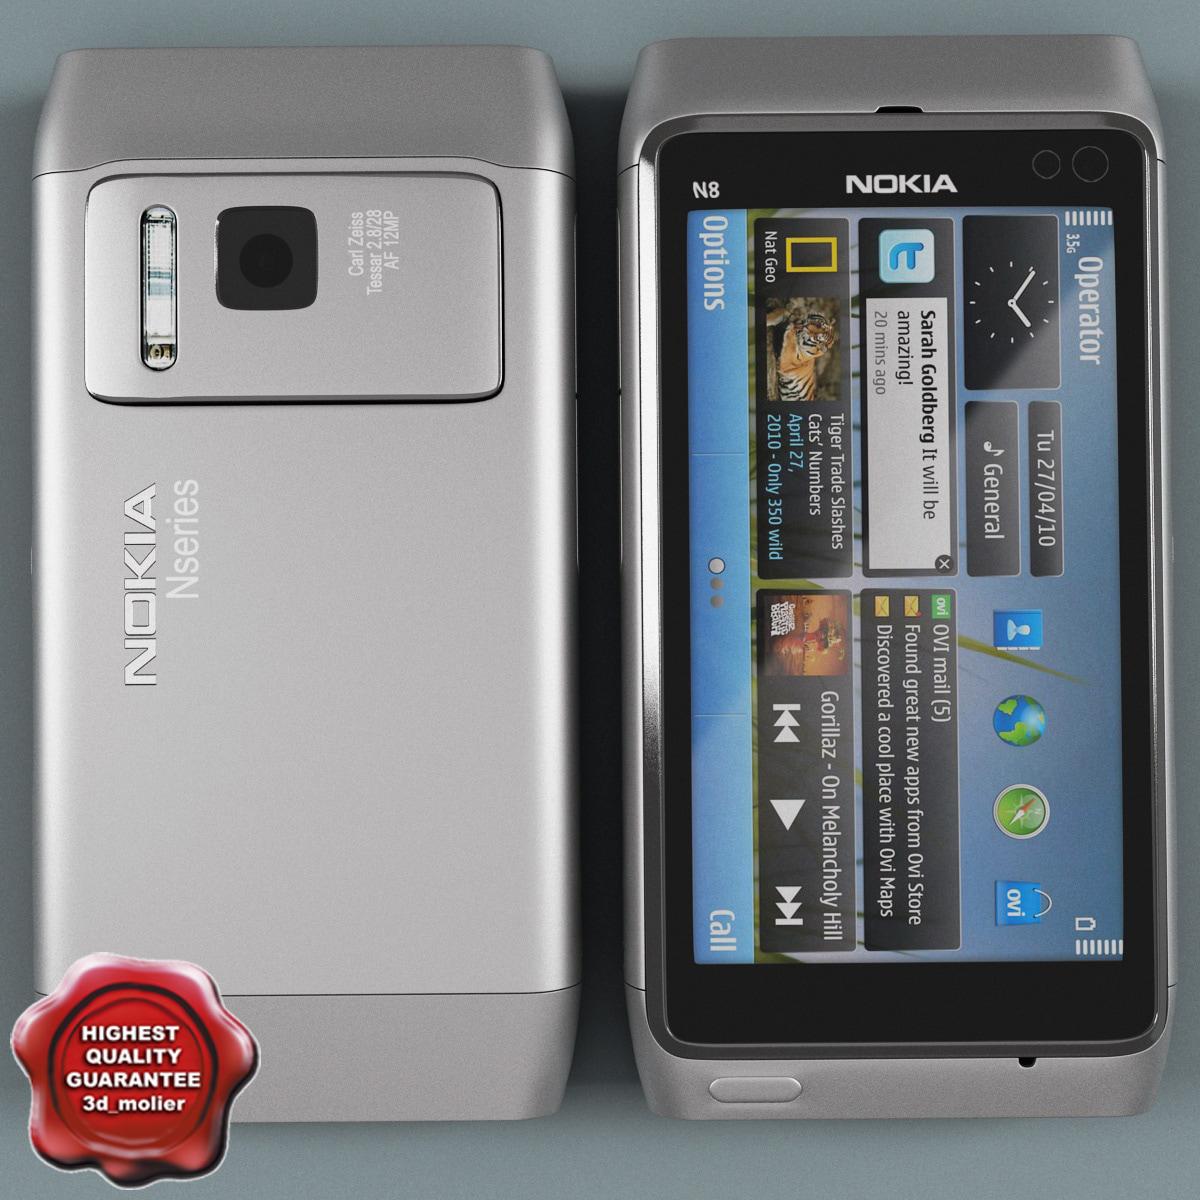 Nokia_N_8_00.jpg